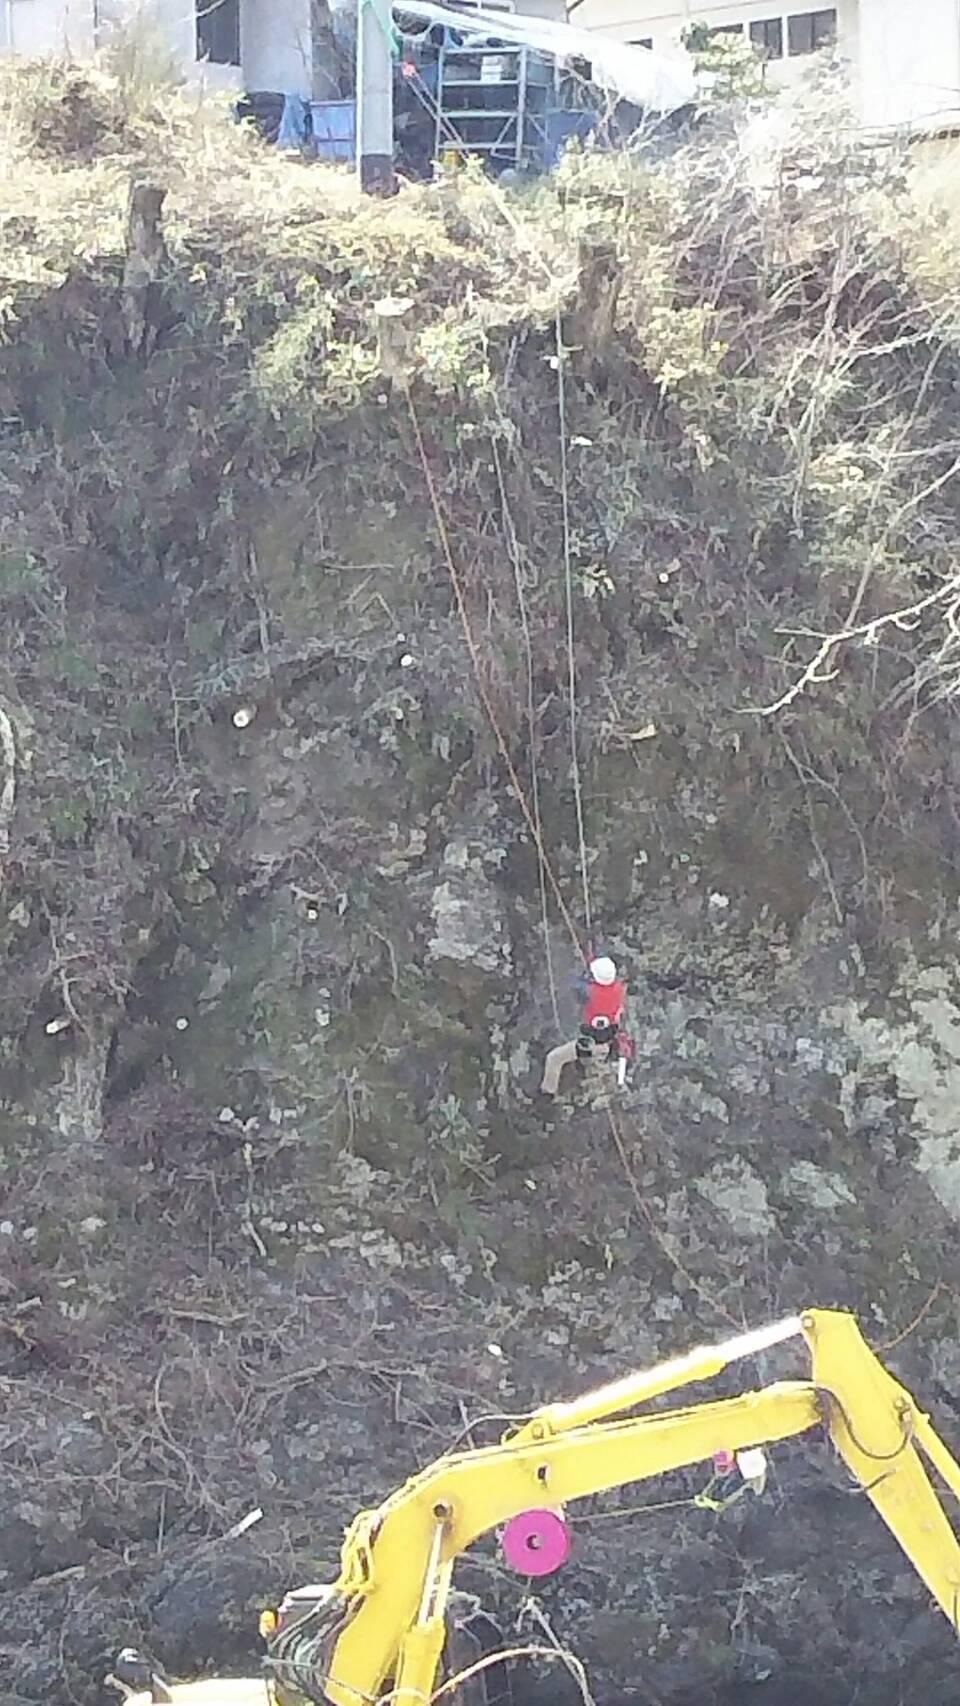 ロープワークでの伐採作業